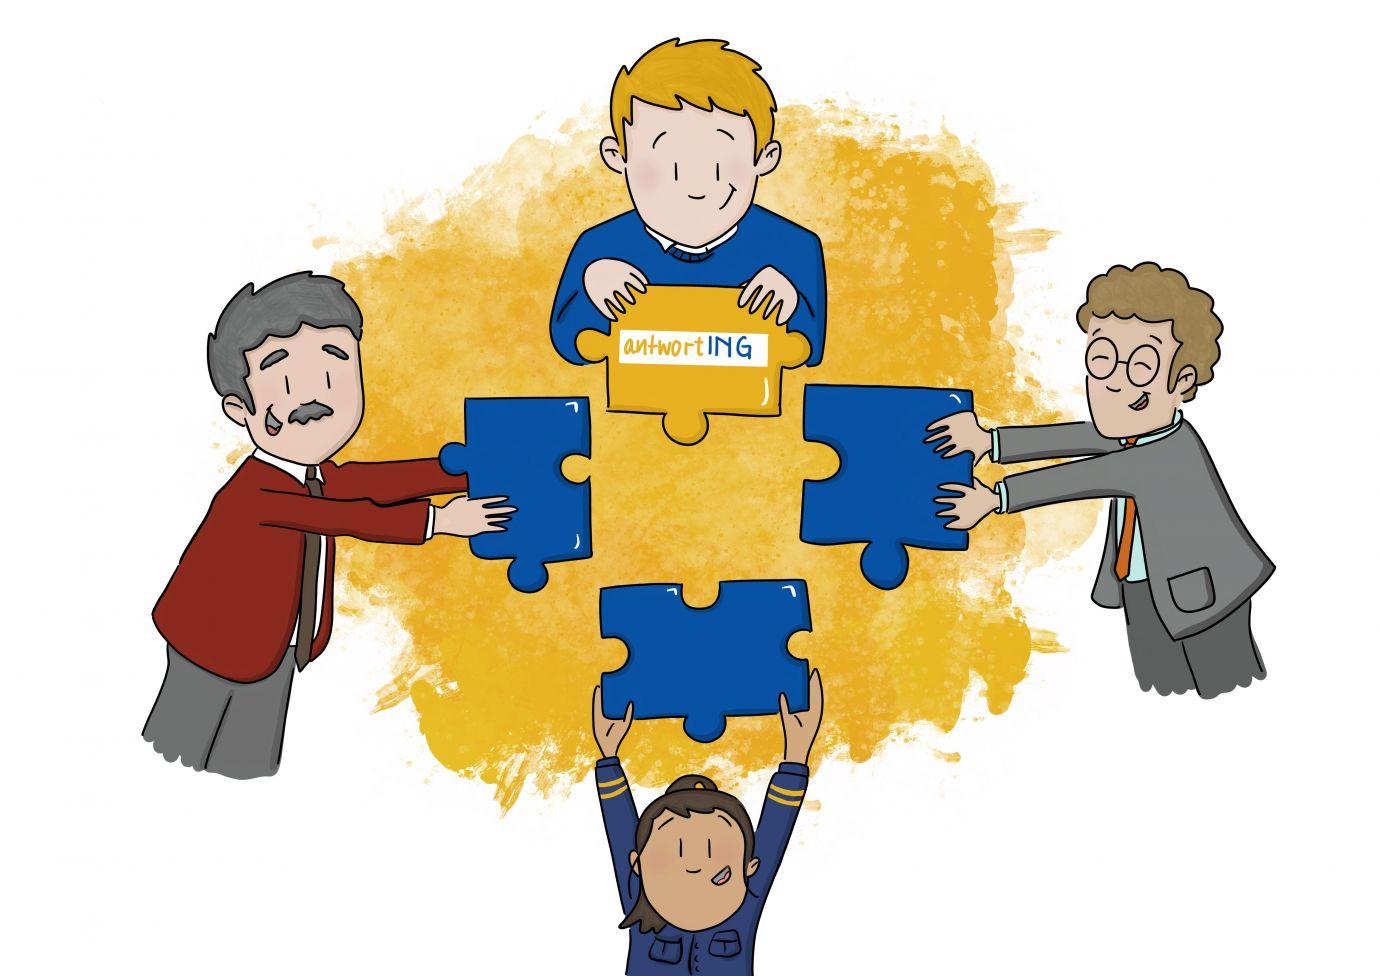 Projektablauf antwortING Schritt 7 Projektabschluss